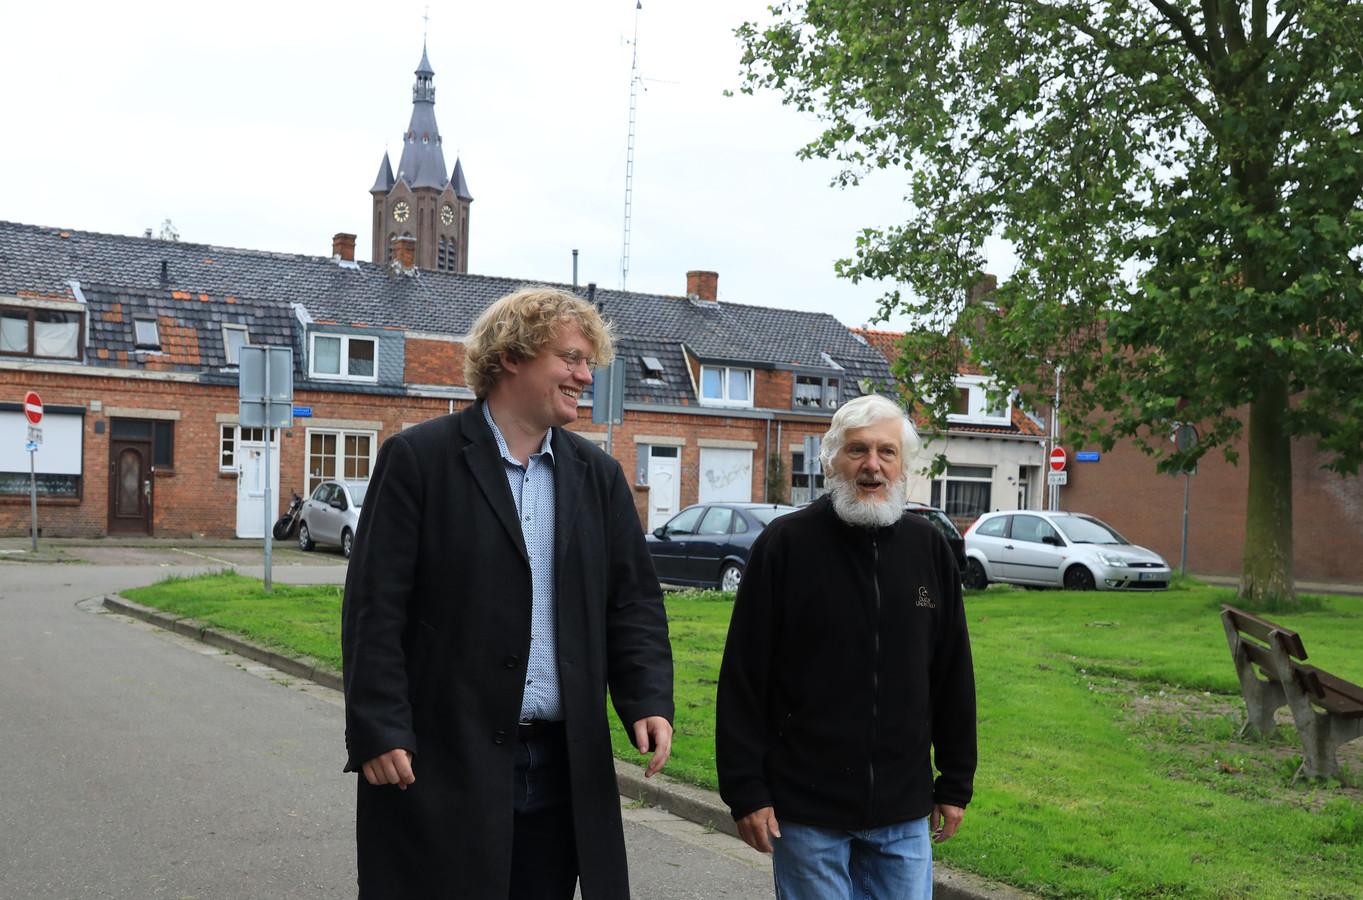 Jos van Ginneken (links) maakt een ommetje met Geert, die van alles te vertellen heeft - vooral over de binnenstad van Terneuzen.